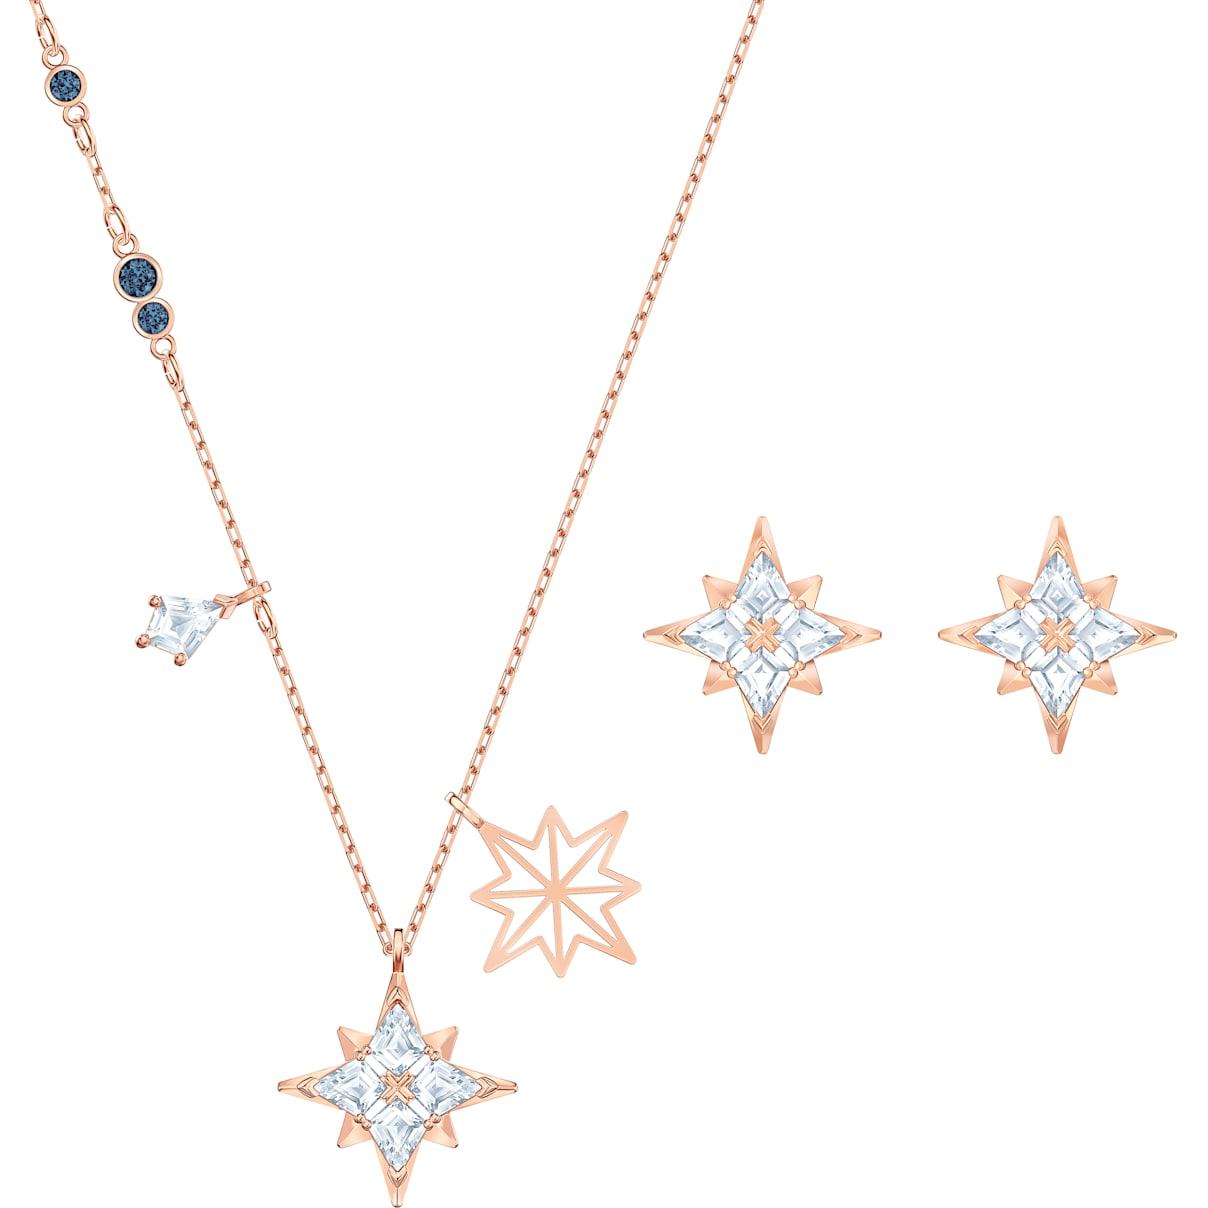 Swarovski Swarovski Symbolic Star Set, White, Rose-gold tone plated